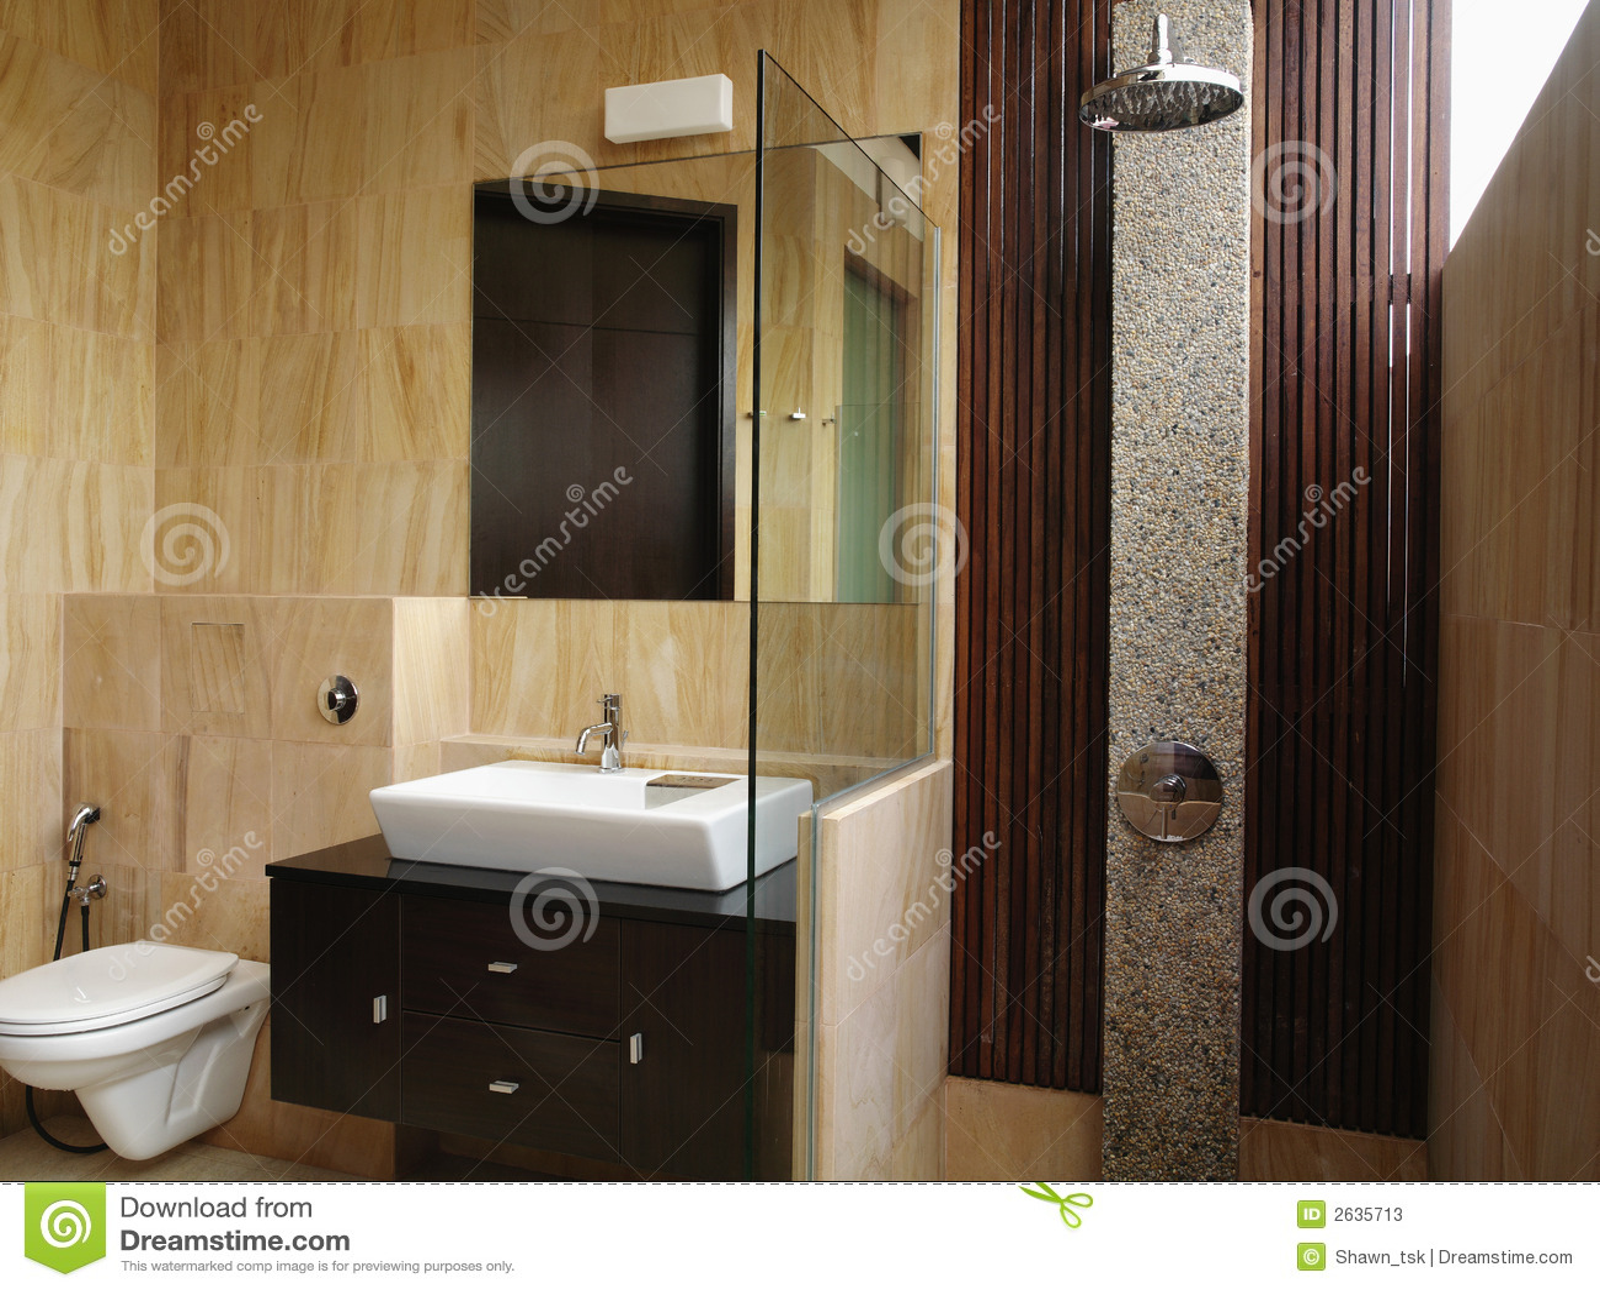 innenarchitektur badezimmer stockbild bild 2635713. Black Bedroom Furniture Sets. Home Design Ideas